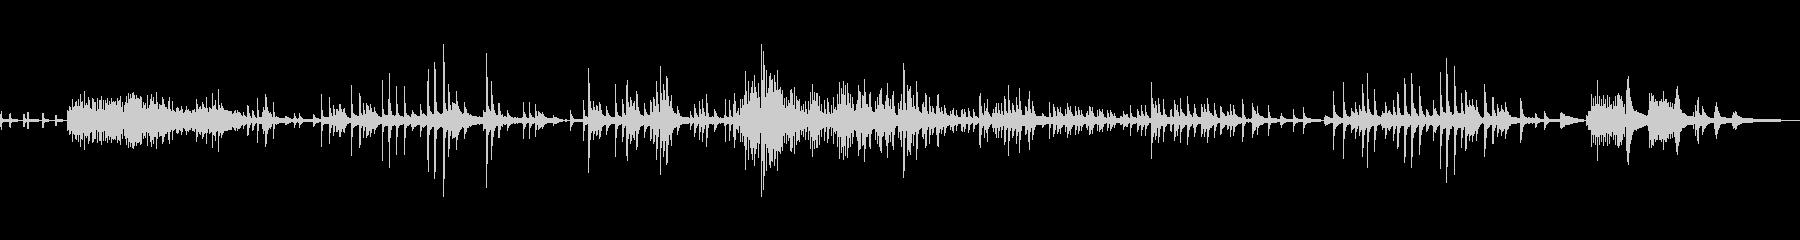 ピアノ組曲ラヴェル (鏡) 5. 鐘の谷の未再生の波形